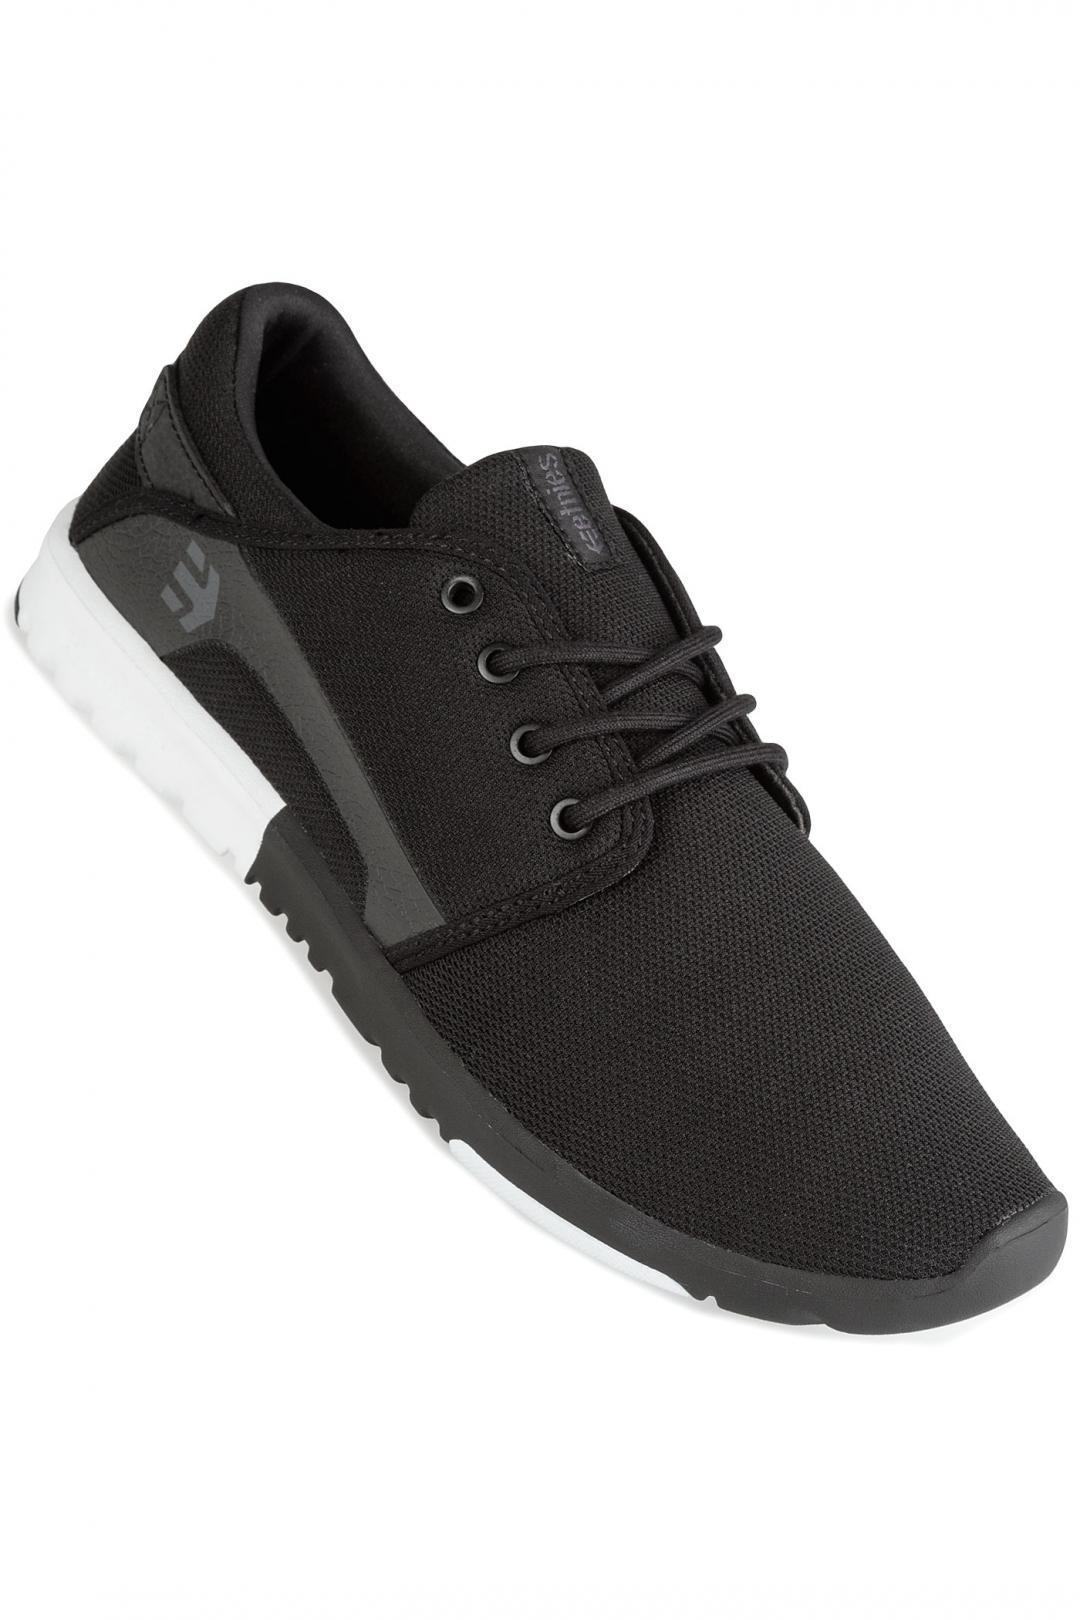 Uomo Etnies Scout black white white | Sneakers low top